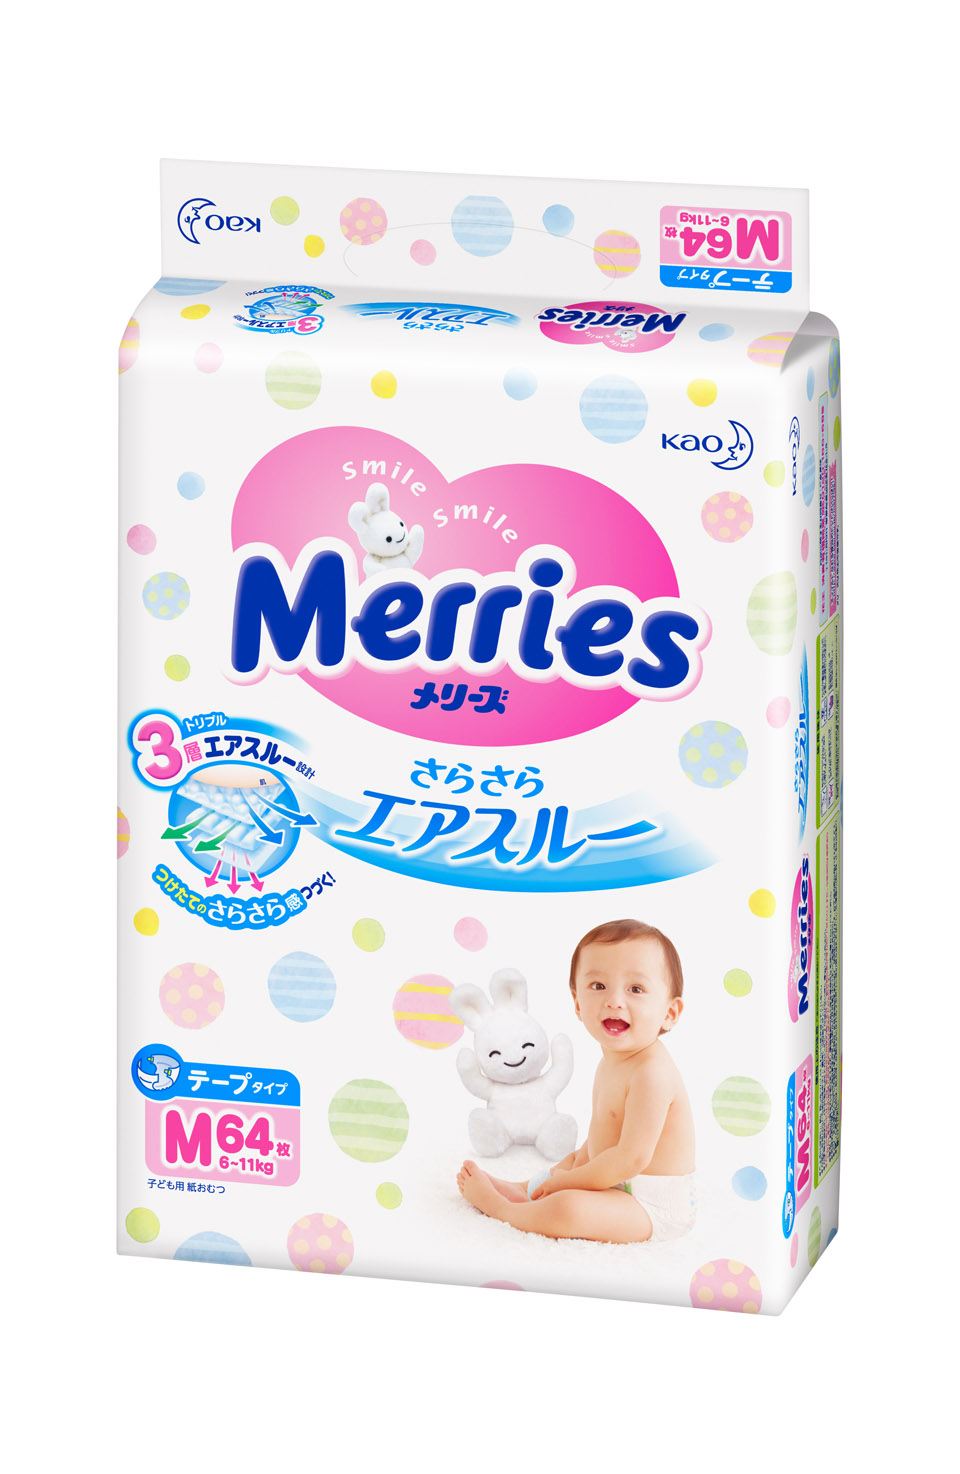 Bỉm Merries dán M64 (cộng miếng)- Hàng Nhật nội địa